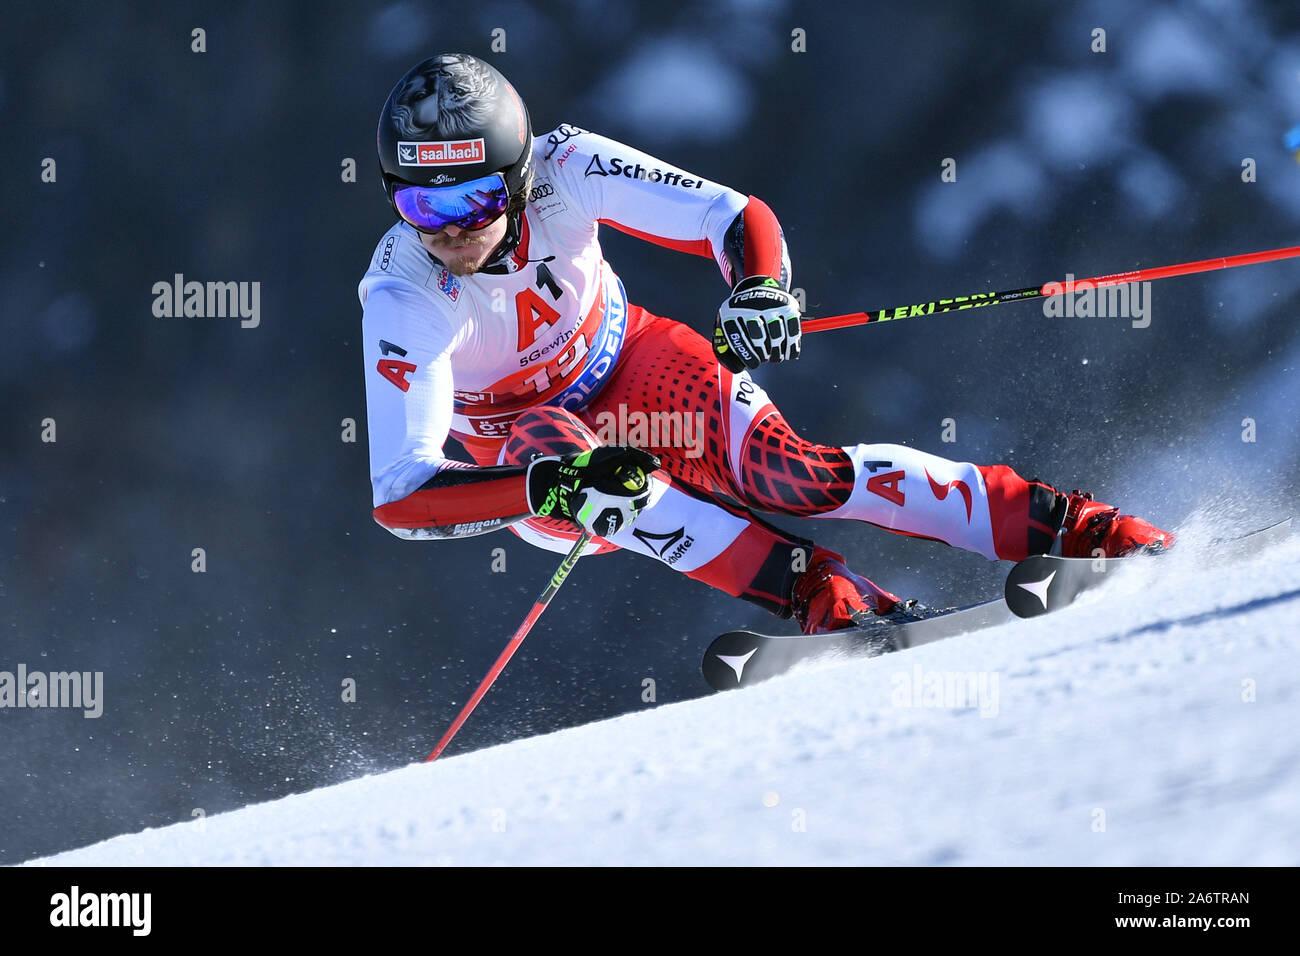 Manuel Feller Aut Action Men S Giant Slalom Men S Giant Slalom Alpine Skiing World Cup In Soelden On The Rettenbachferner Rettenbach Glacier Season 2019 2020 19 20 On 27 10 2019 Usage Worldwide Stock Photo Alamy